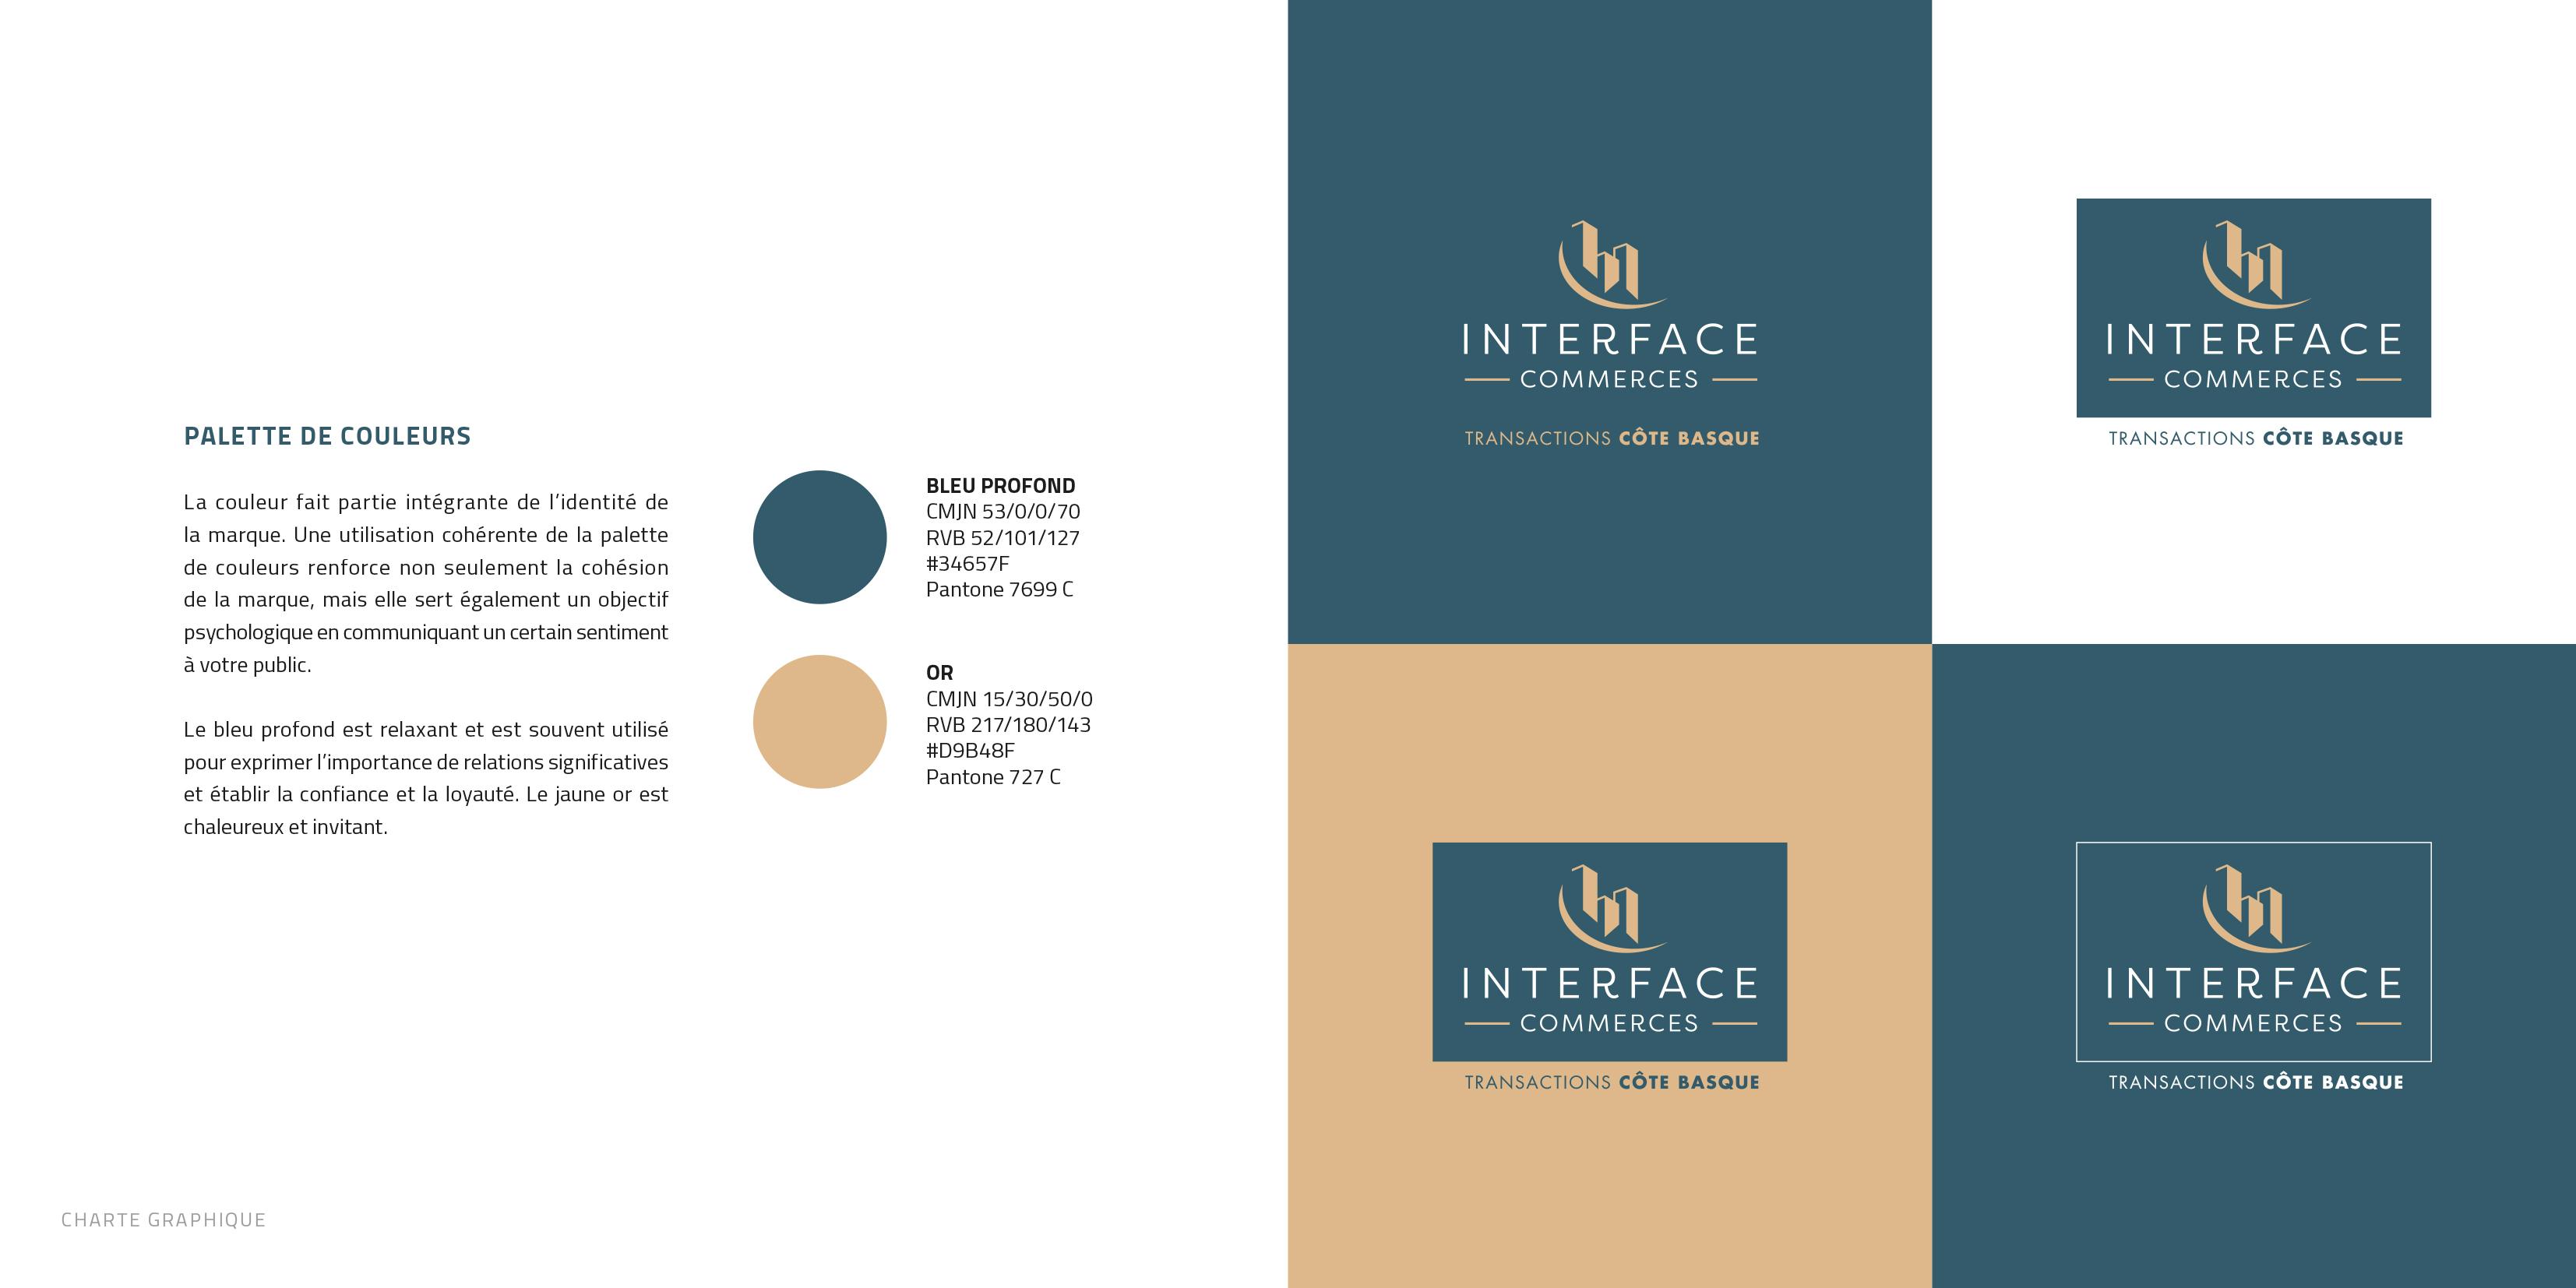 Charte graphique d'Interface commerces